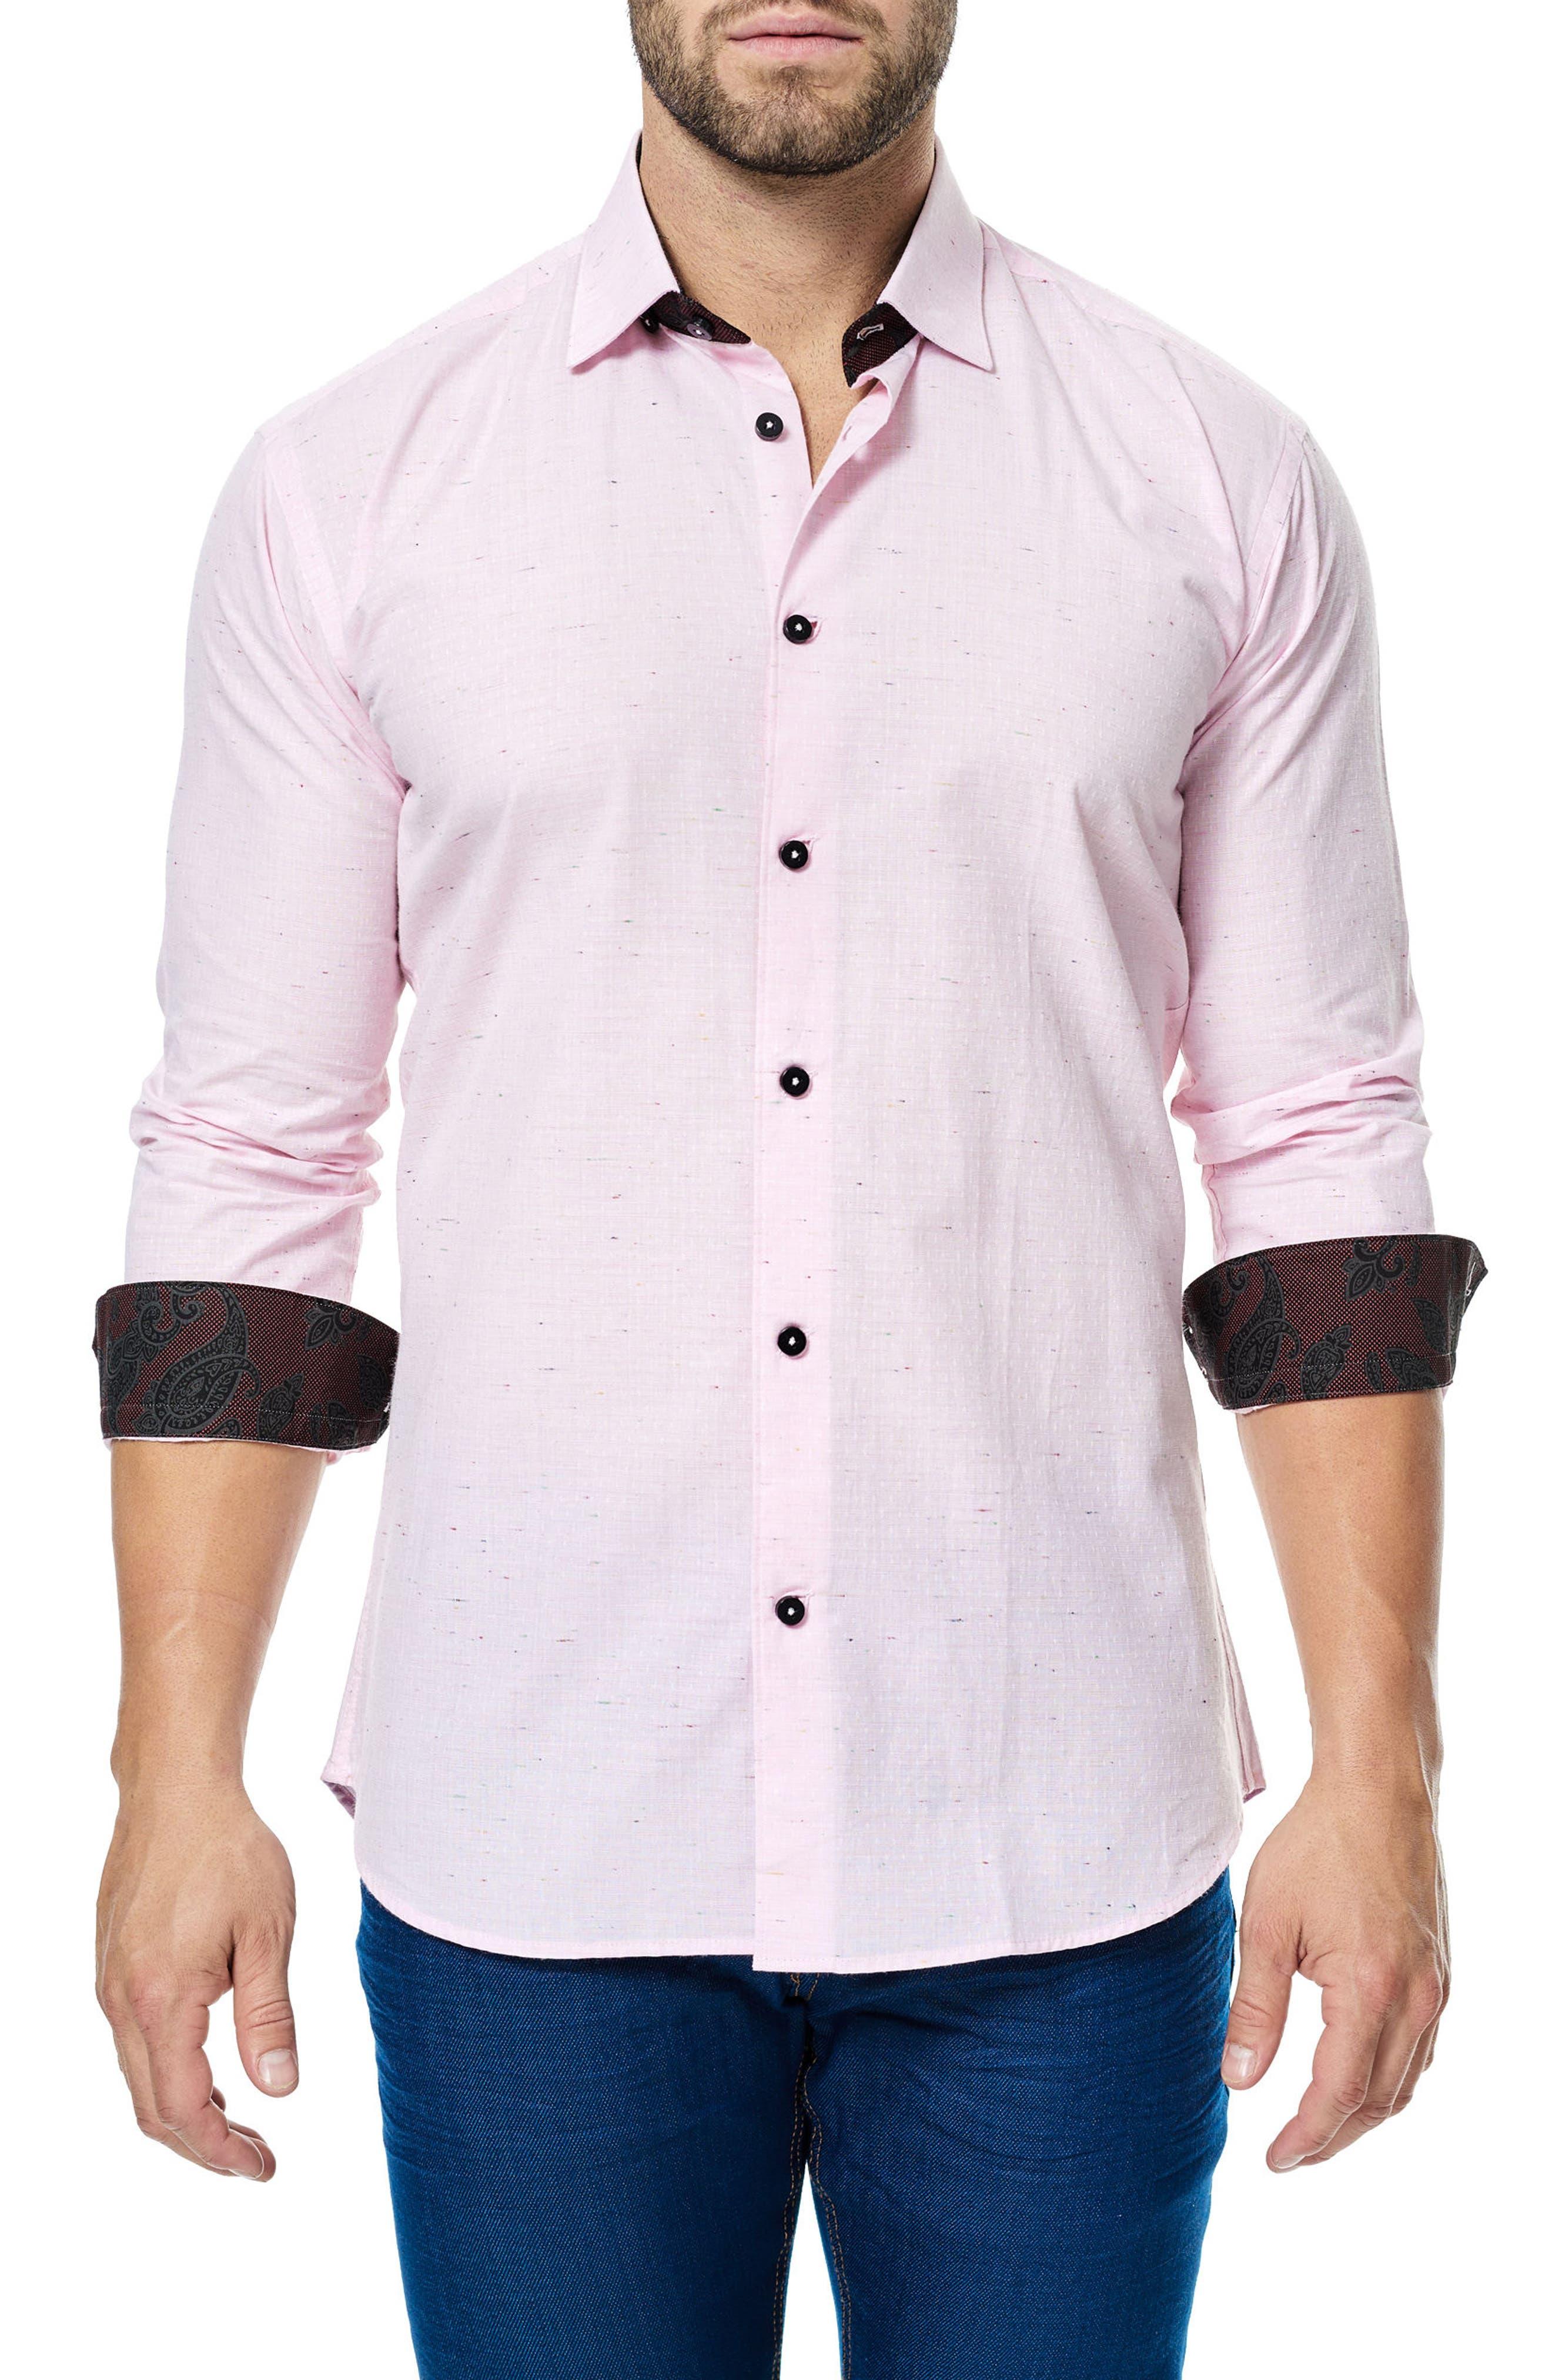 Maceoo Luxor Sport Shirt